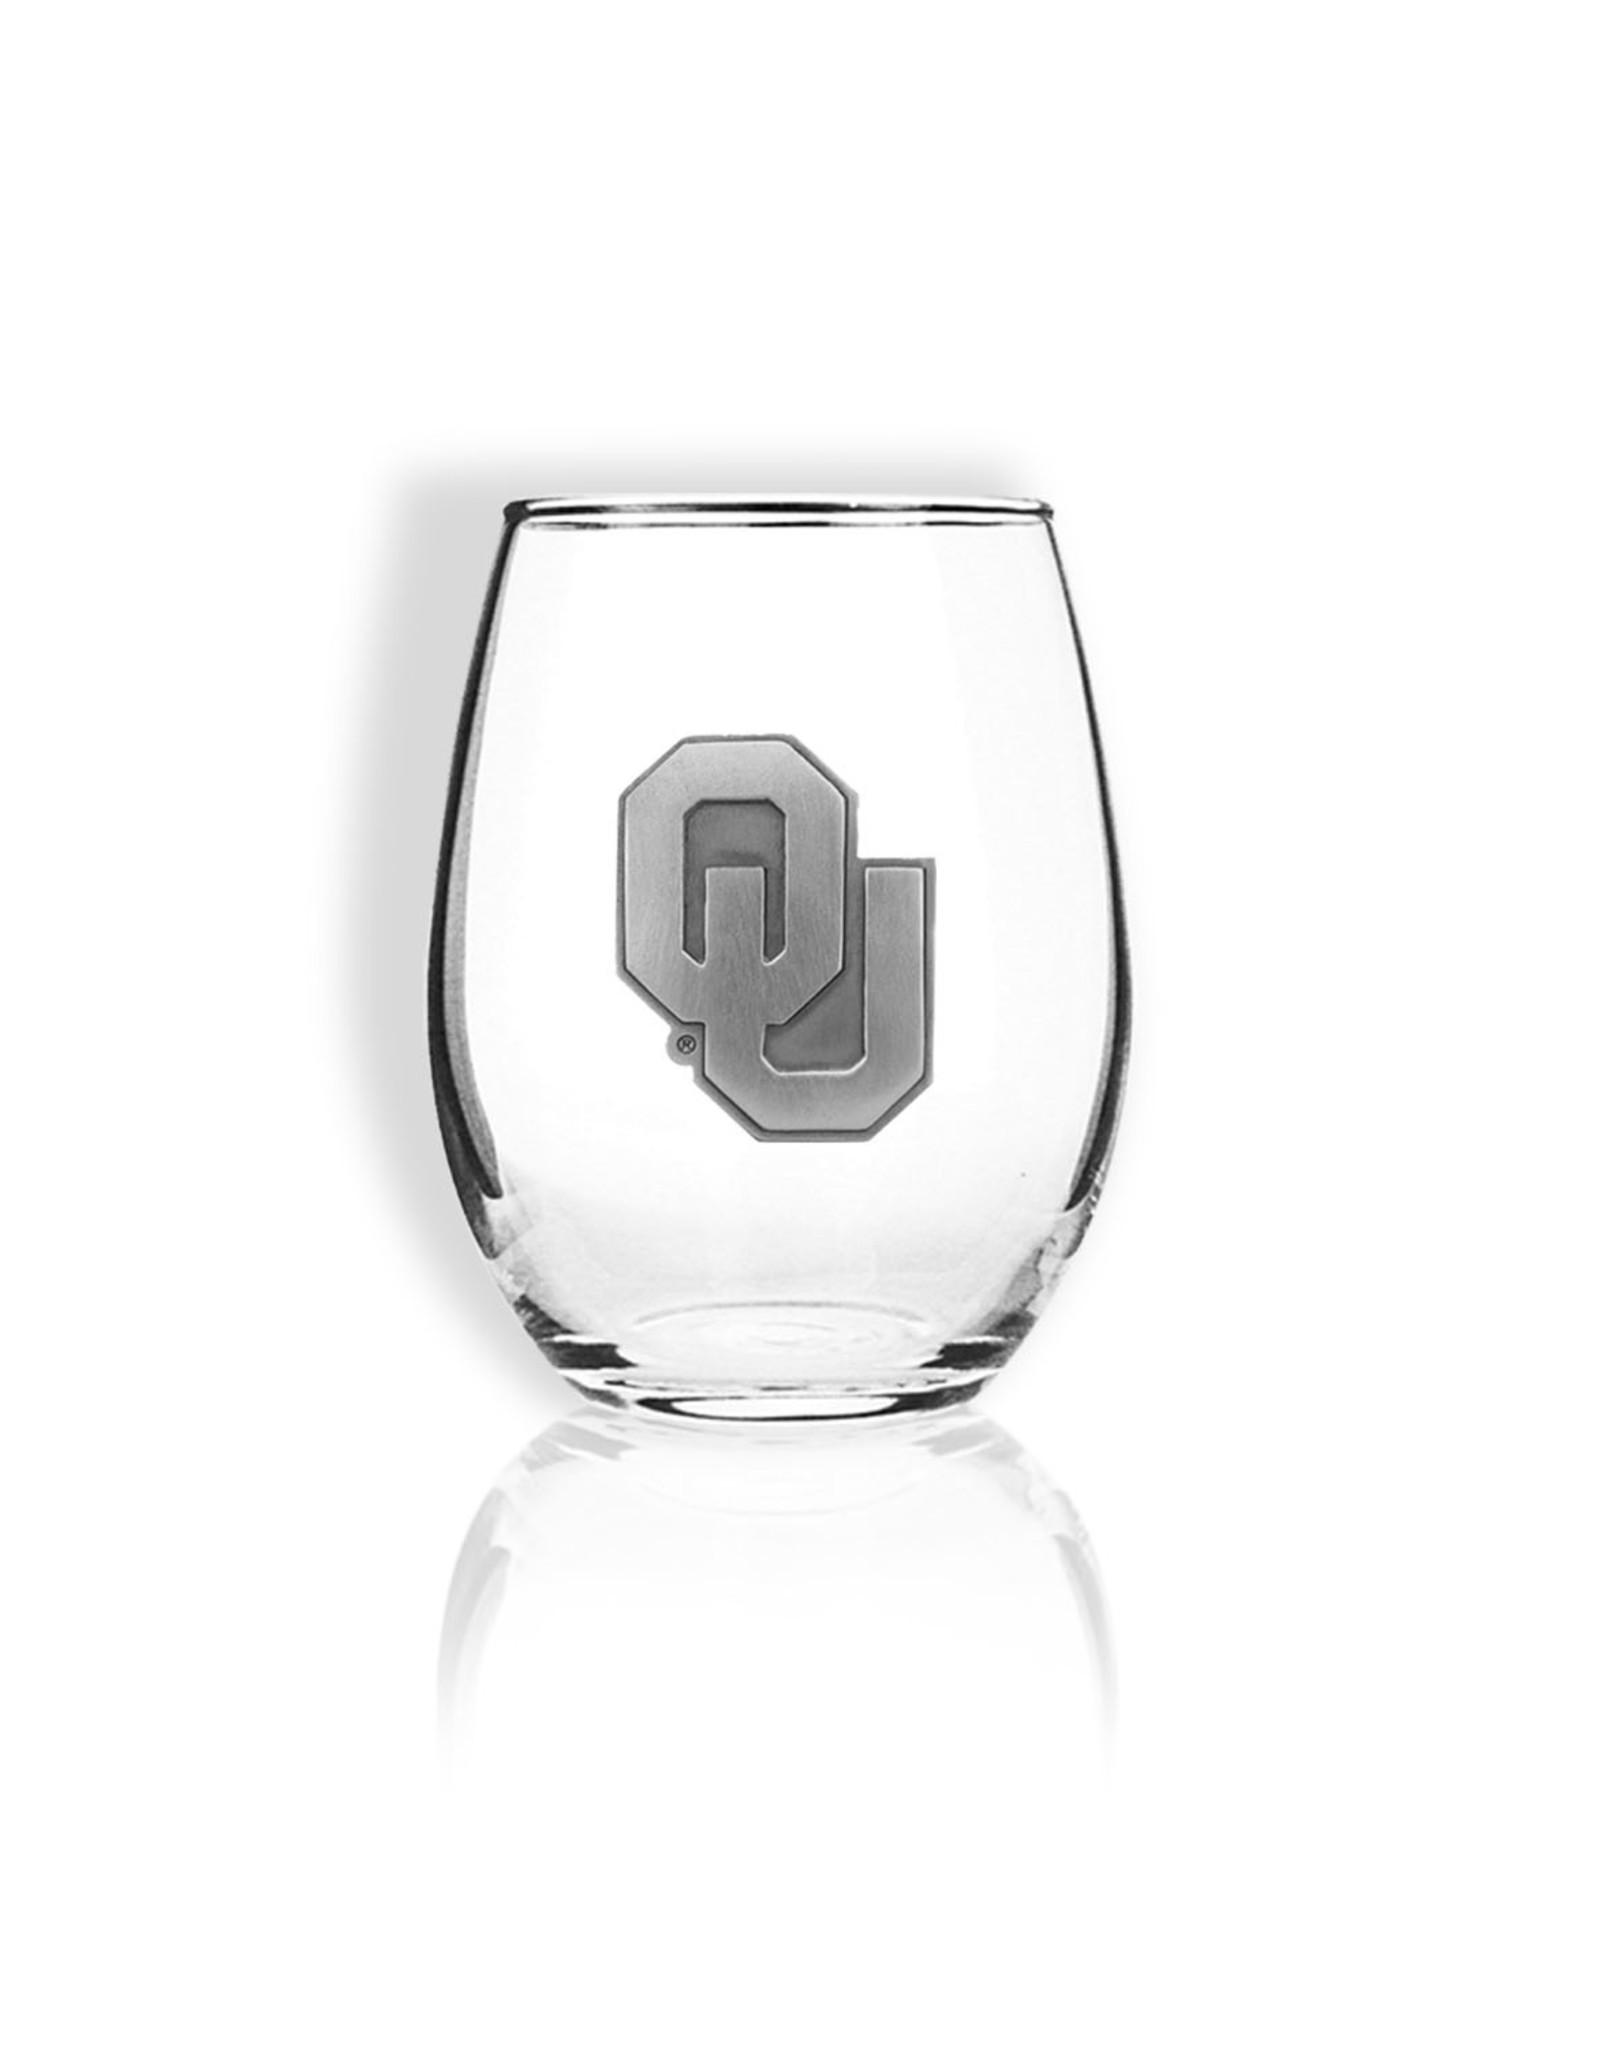 Jardine OU Stemless Wine Glass w/ Pewter Emblem